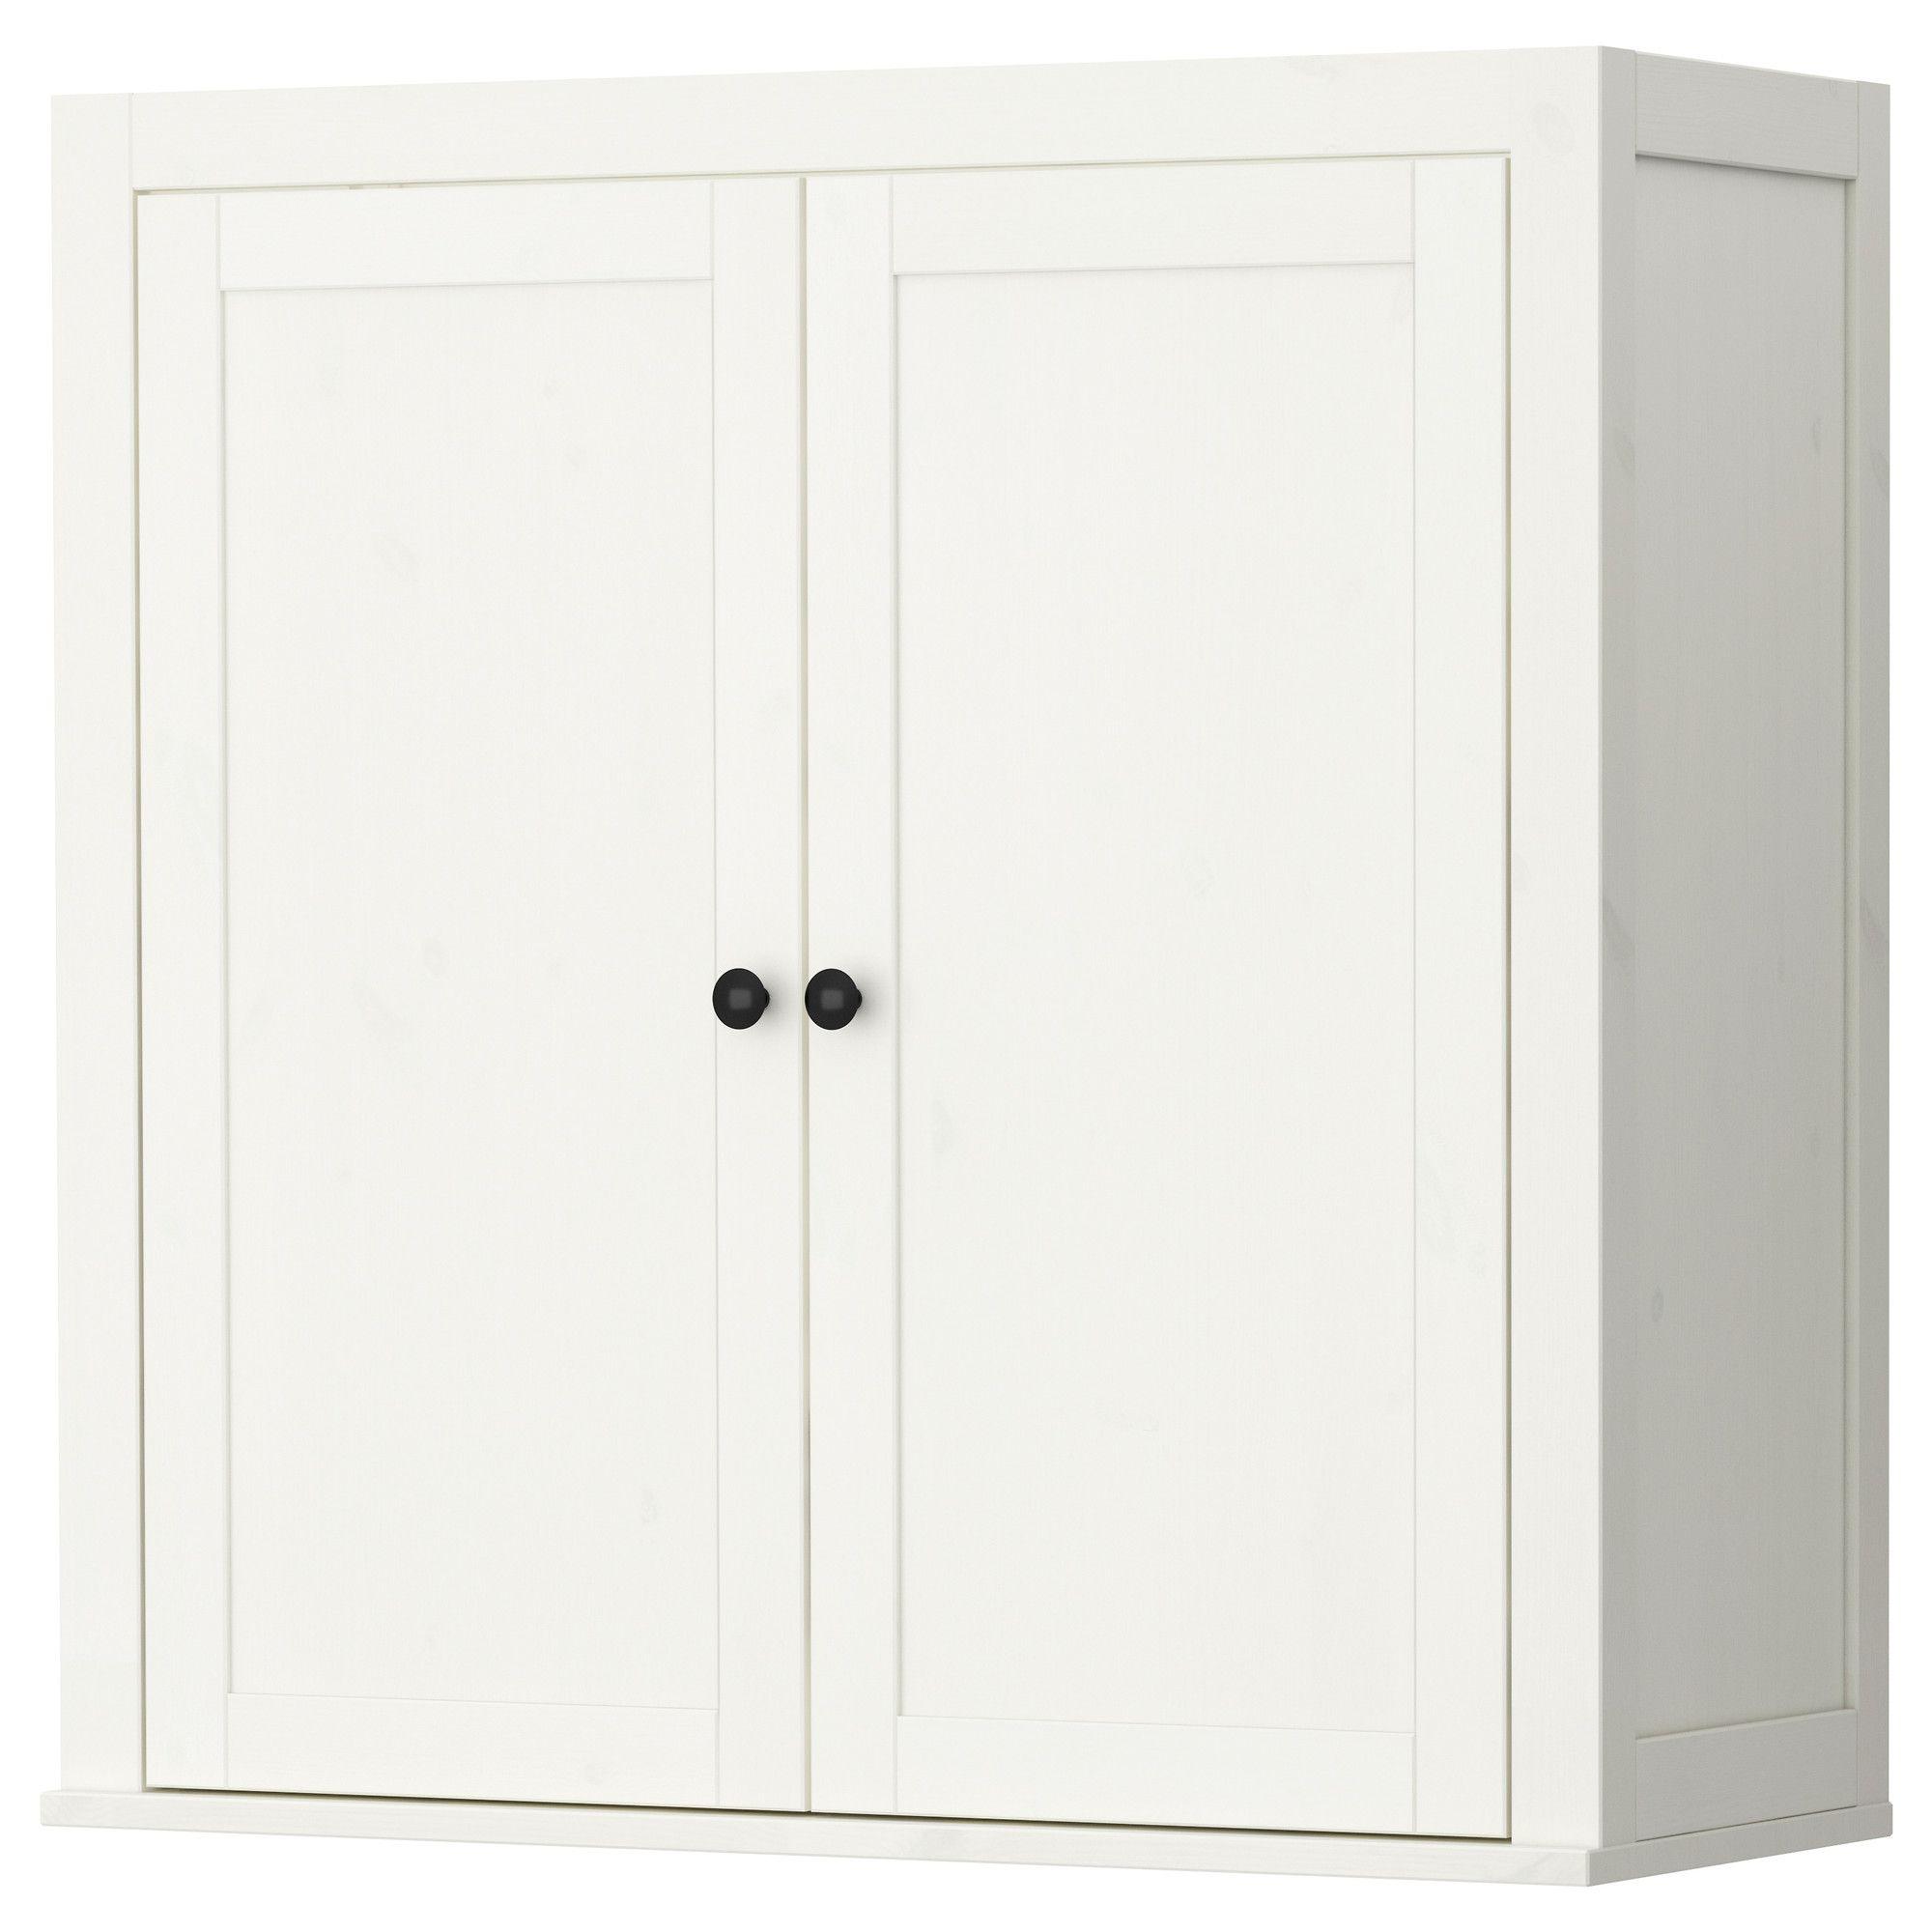 Hemnes M Dulo De Ampliaci N Para Secreter Blanco Ikea  ~ Modulos Para Armarios Empotrados Ikea